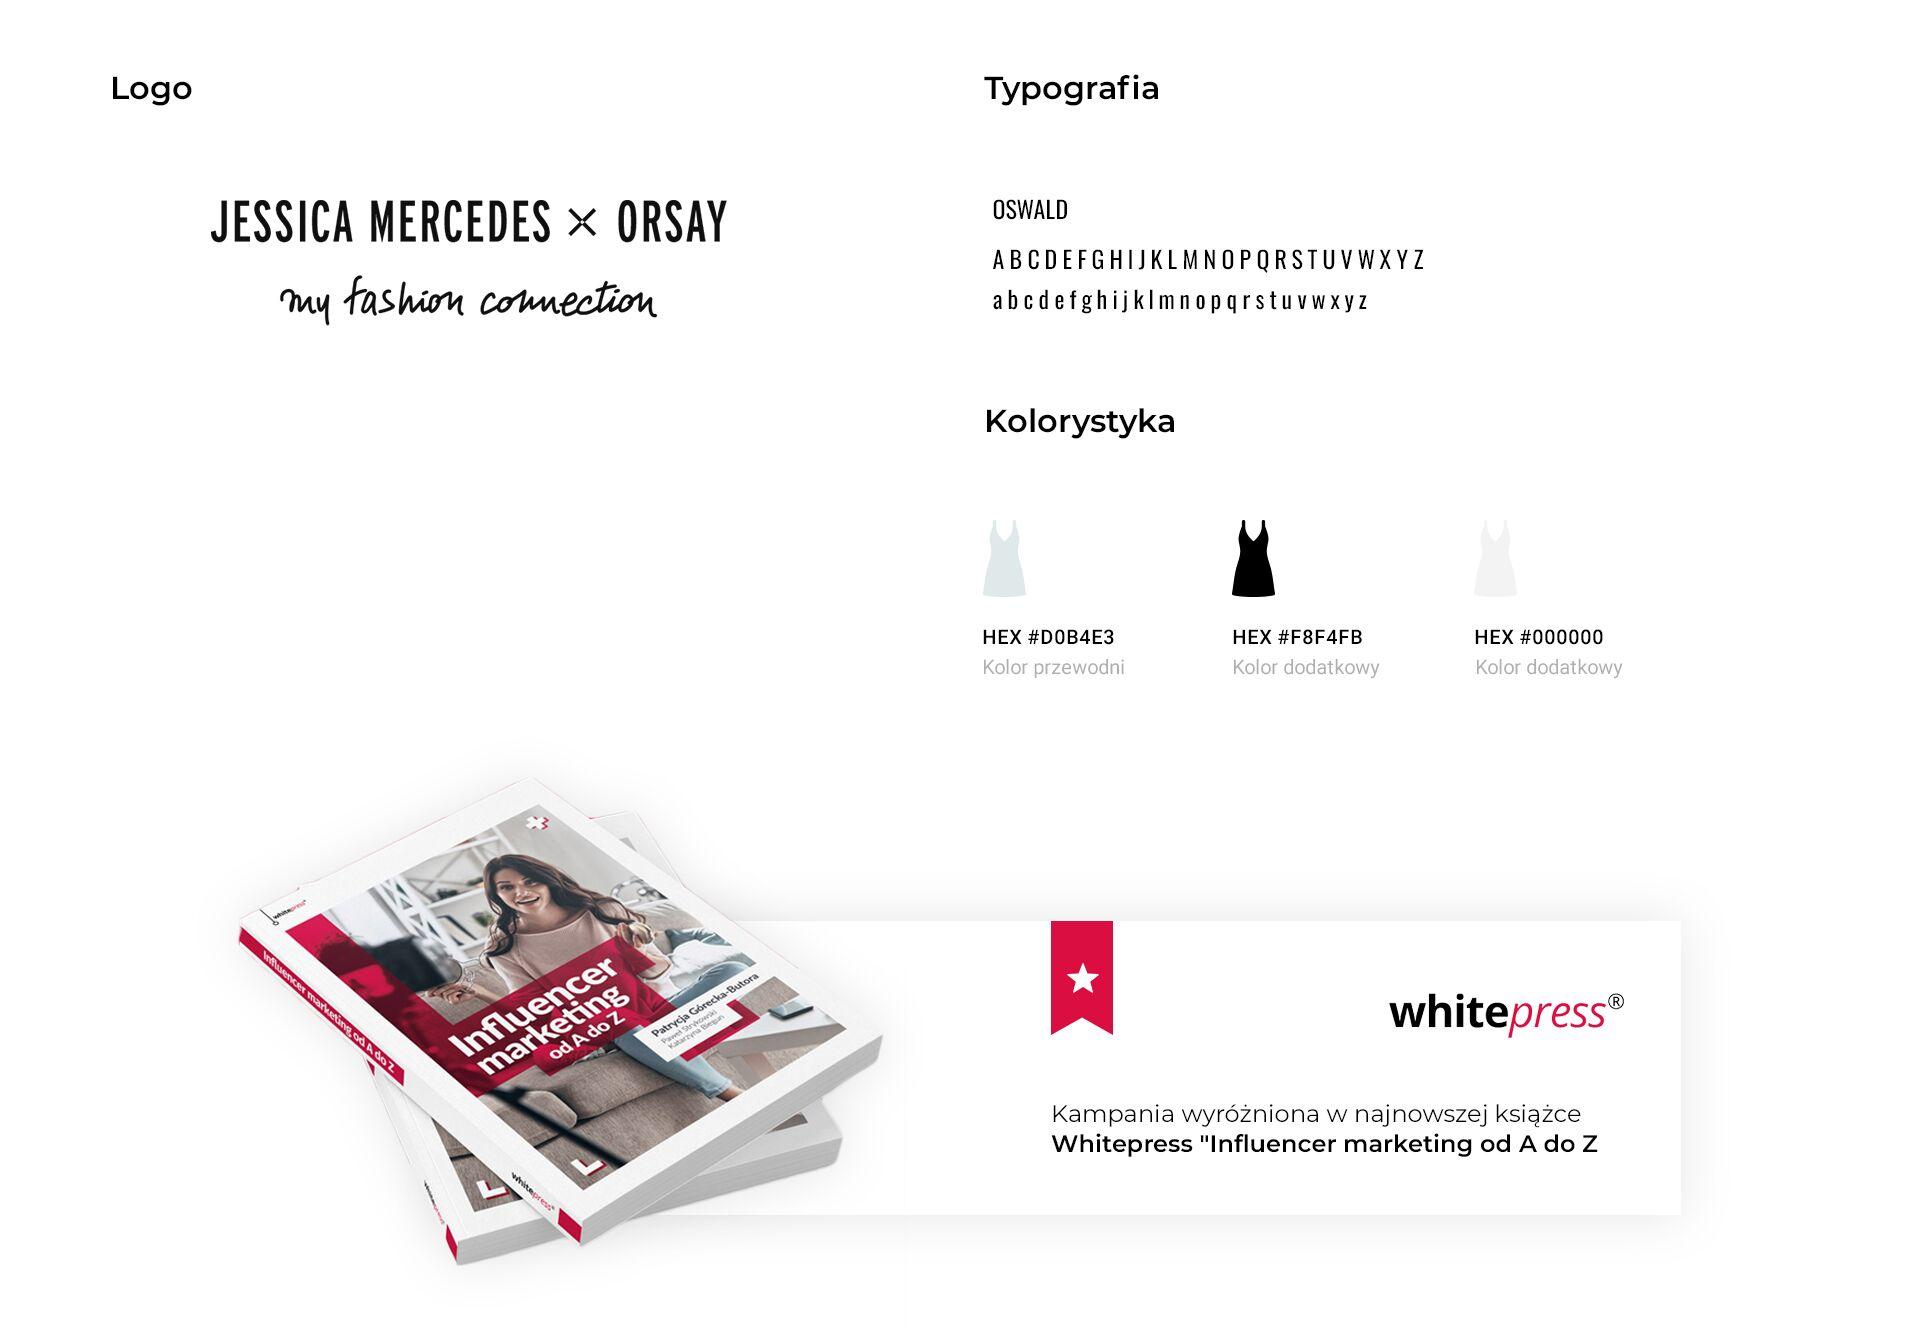 logo kampanii ORSAY z Jessicą Mercedes, typografia wykorzystana w projekcie i kolory akcji. Pod spodem informacja o tym, że kampania została wyróżniona w najnowszej książce Whitepress o influencer marketingu